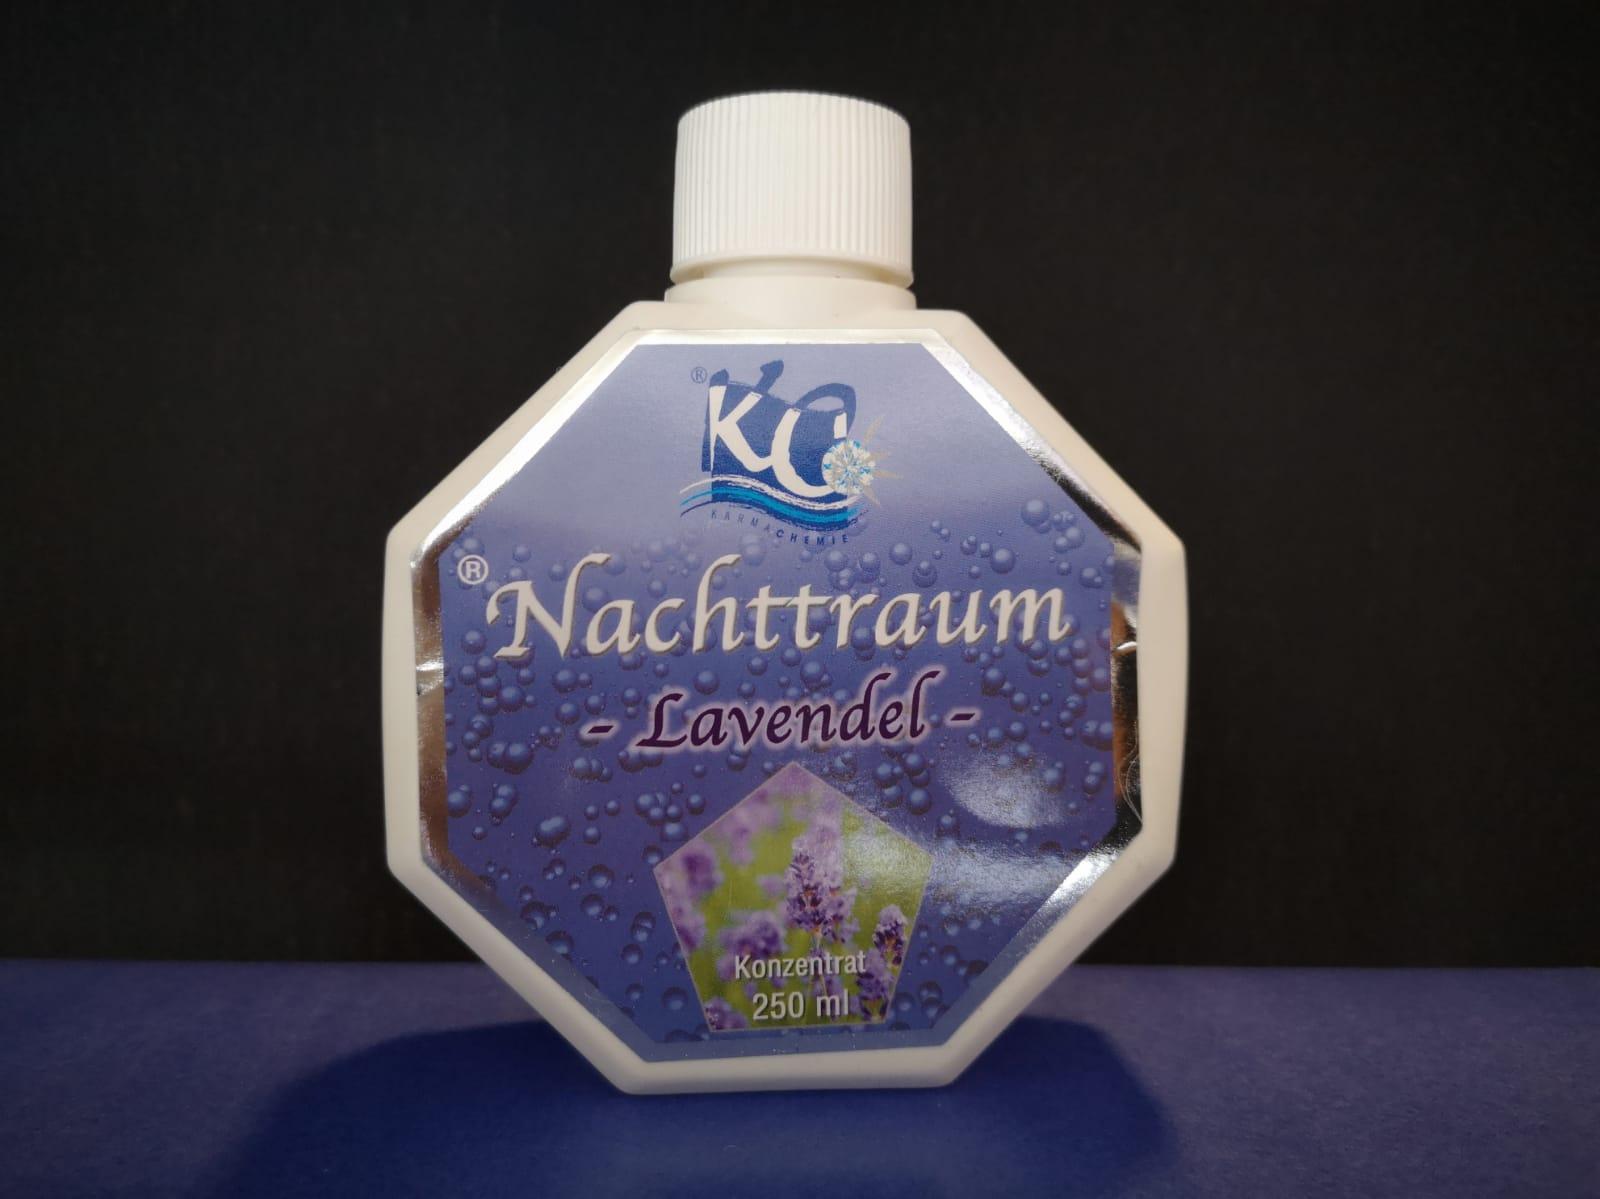 Nachttraum Lavendel